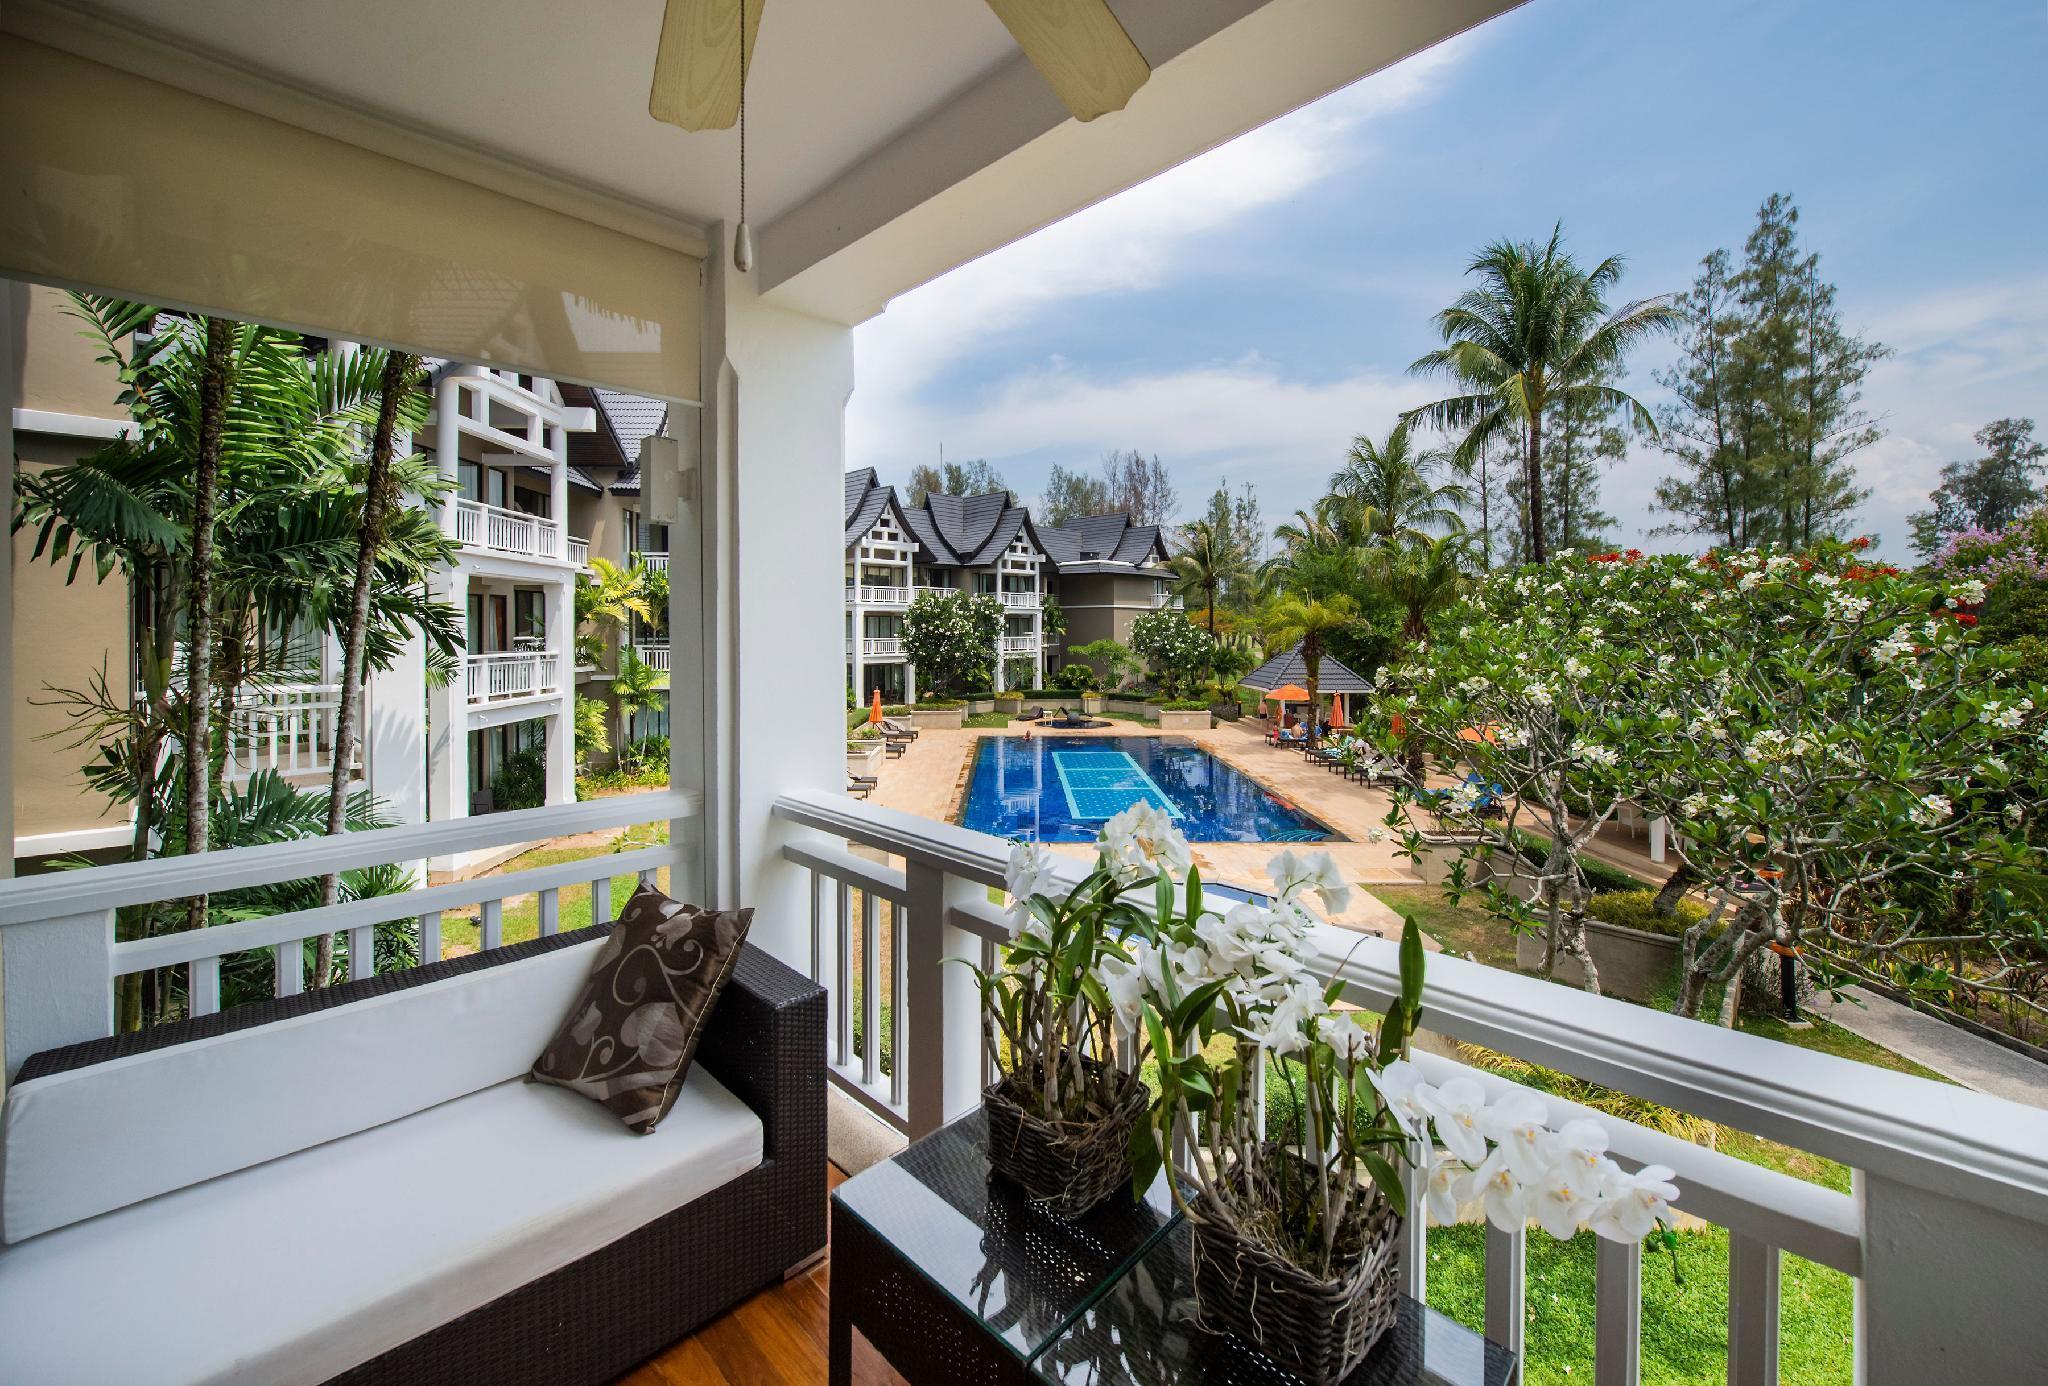 1 BDR Apartment Allamanda Phuket, Nr. 20 อพาร์ตเมนต์ 1 ห้องนอน 1 ห้องน้ำส่วนตัว ขนาด 79 ตร.ม. – บางเทา